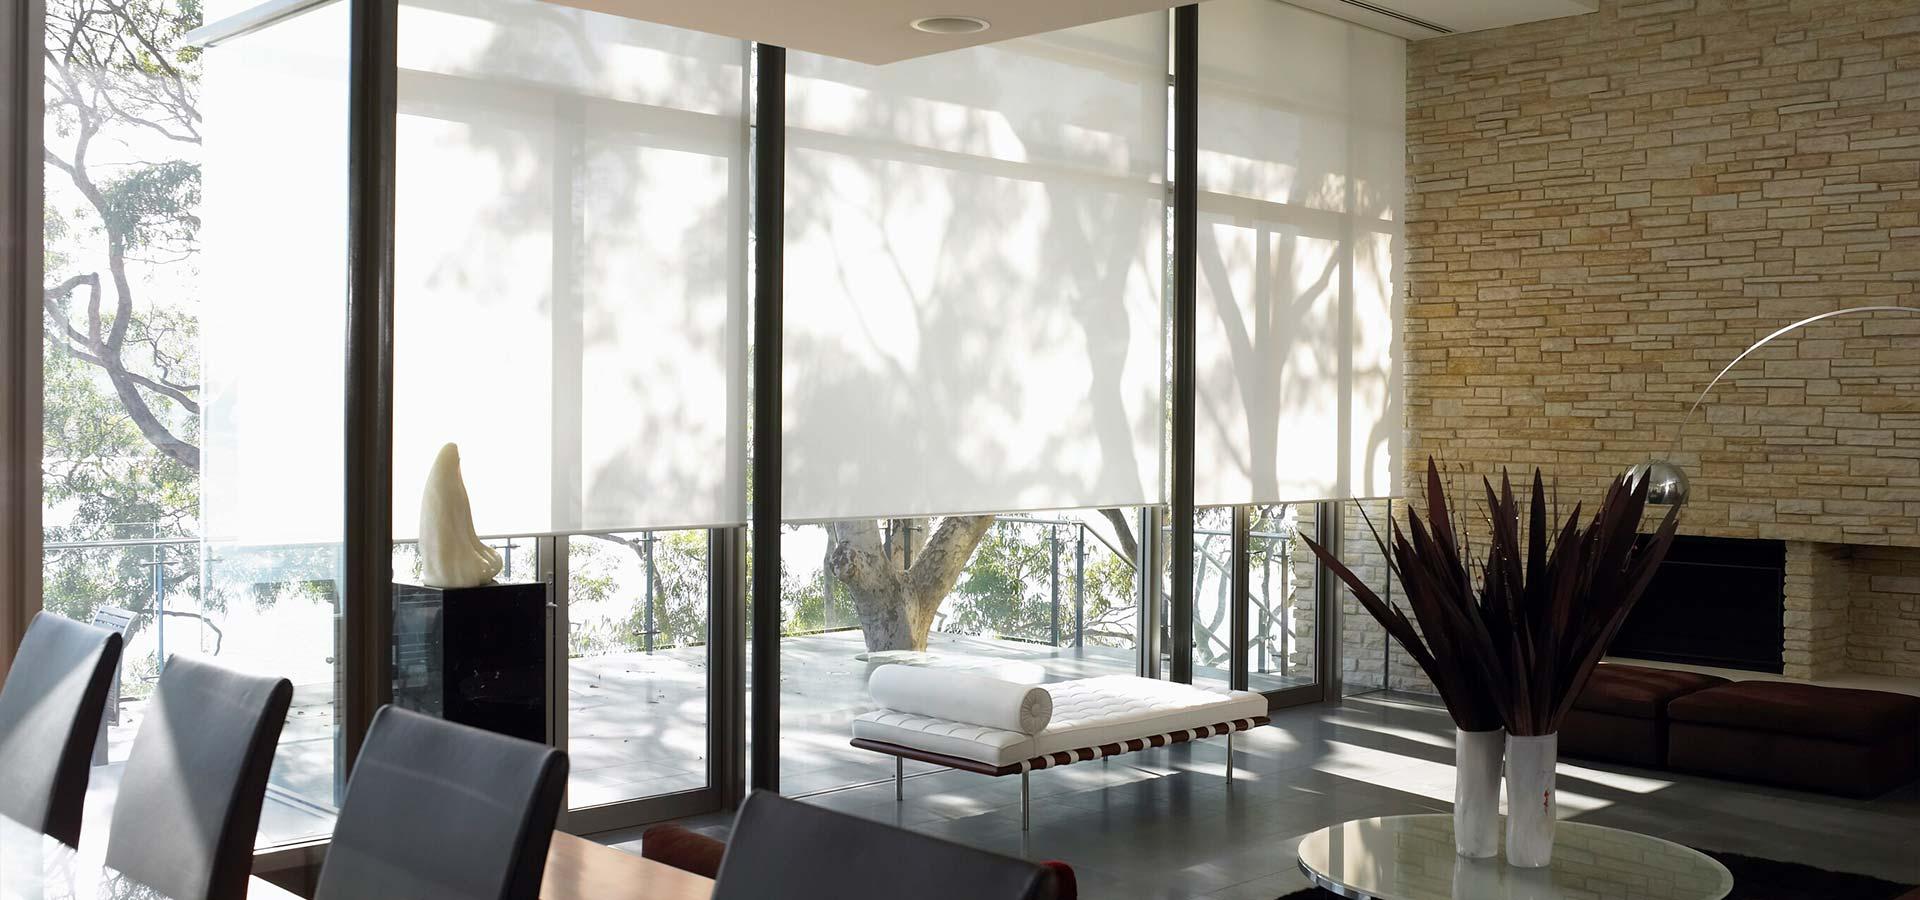 indoor blinds banner 1 Helioscreen